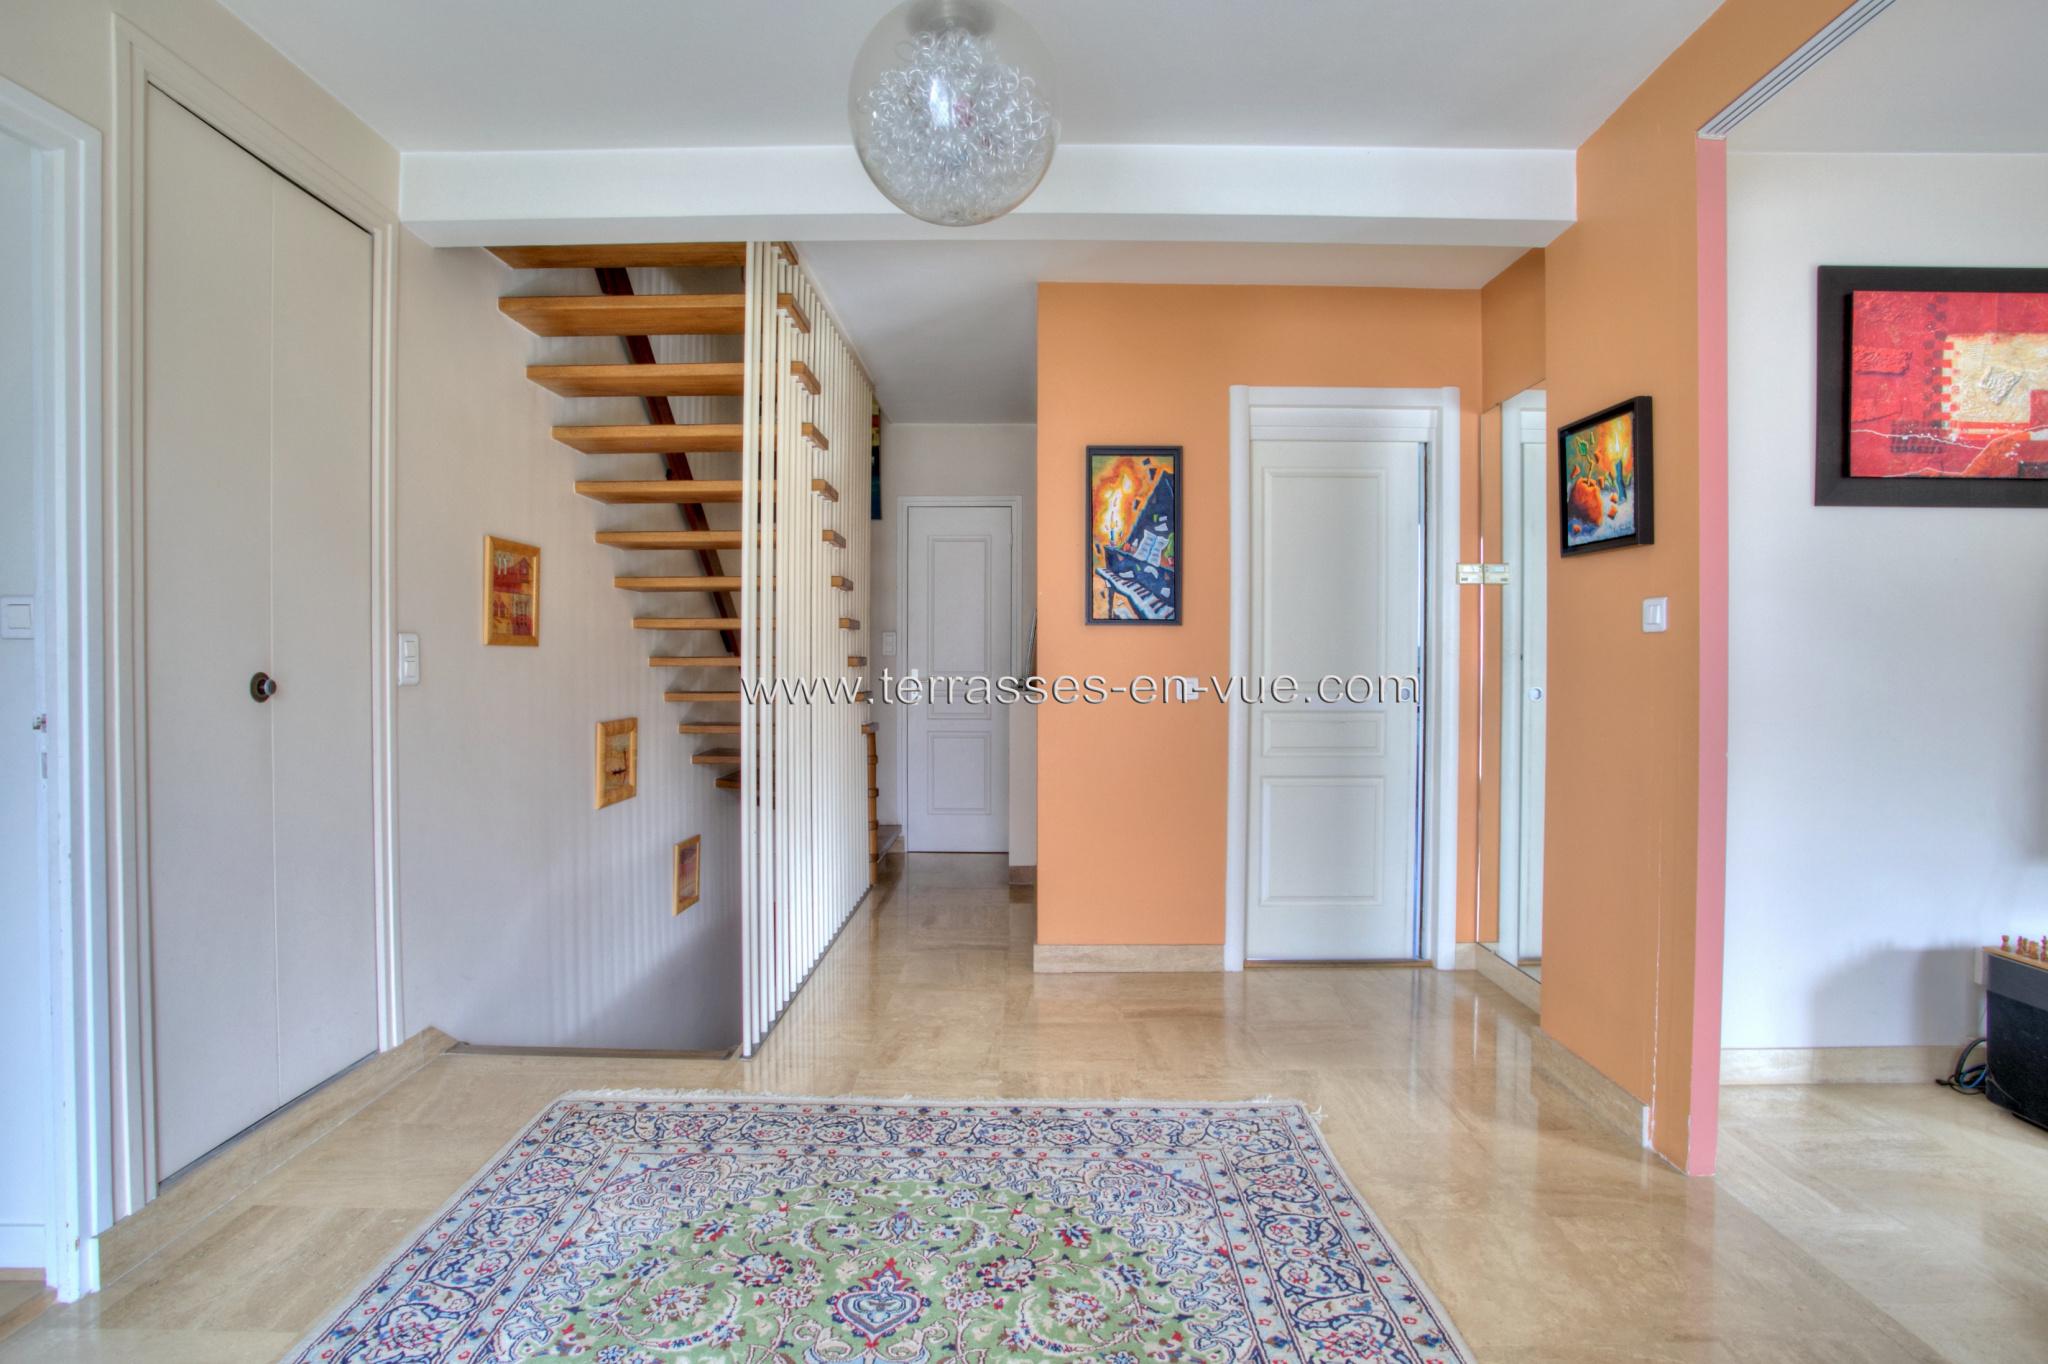 Maison À vendre - Sannois / 95110